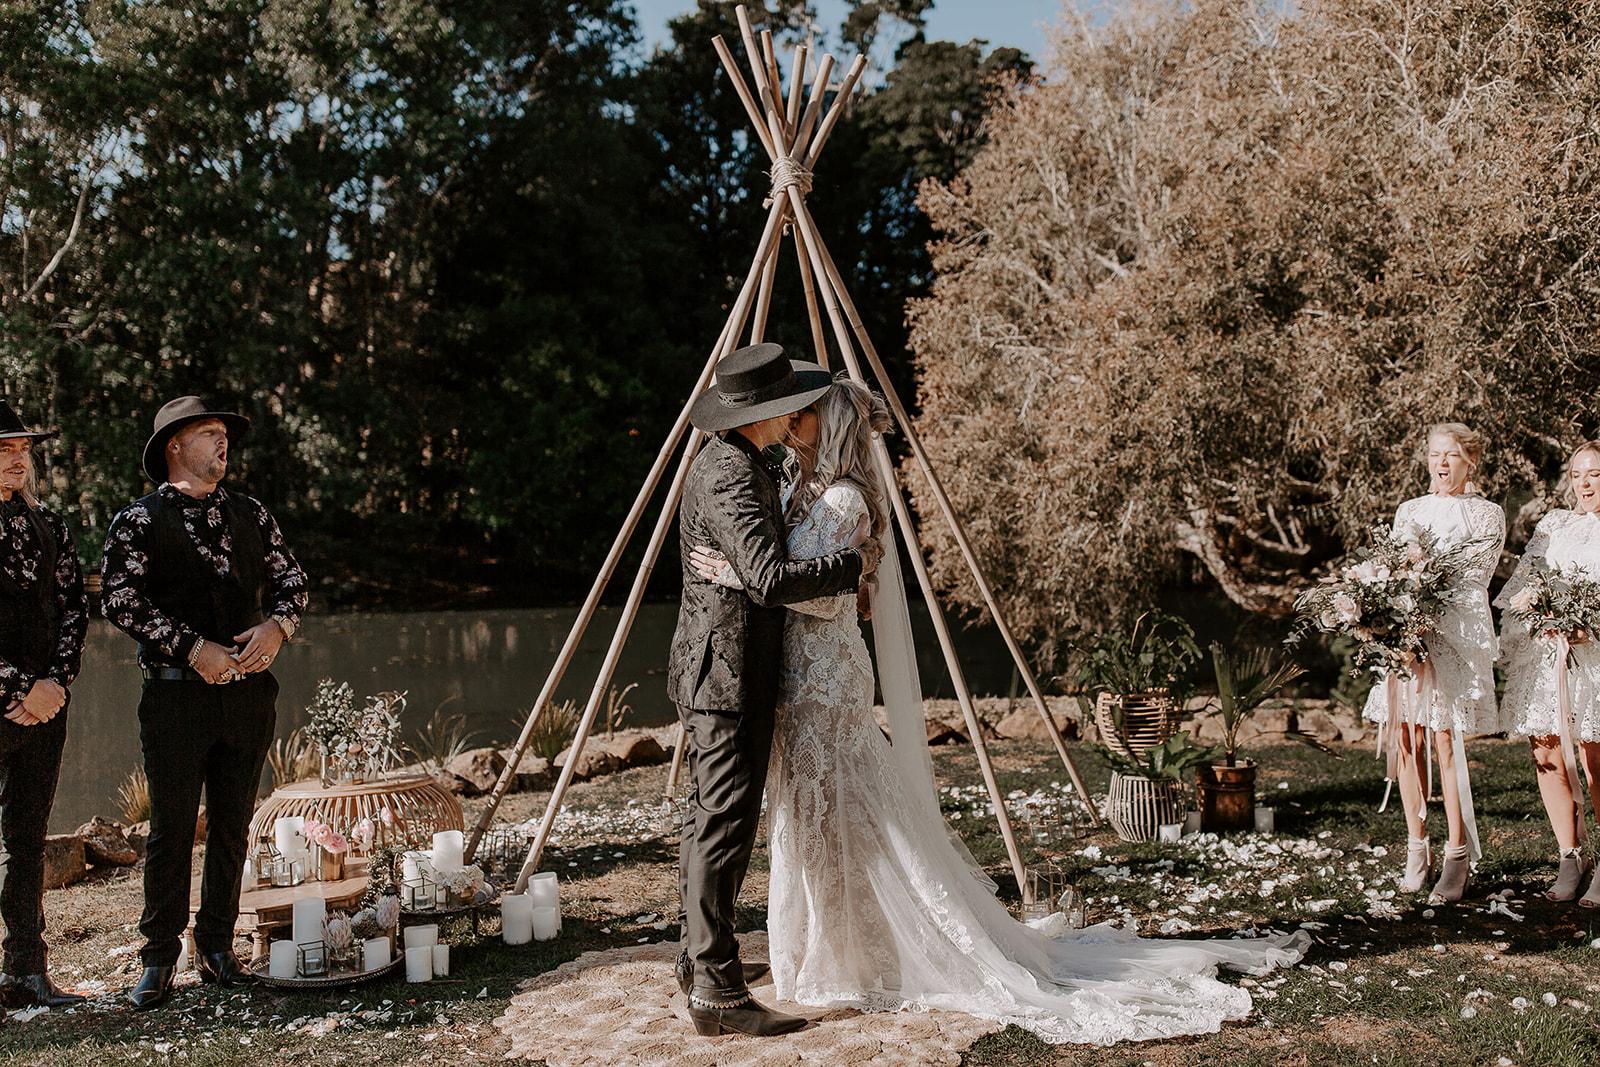 Weddings at NOFOMOCO - Byron Bay